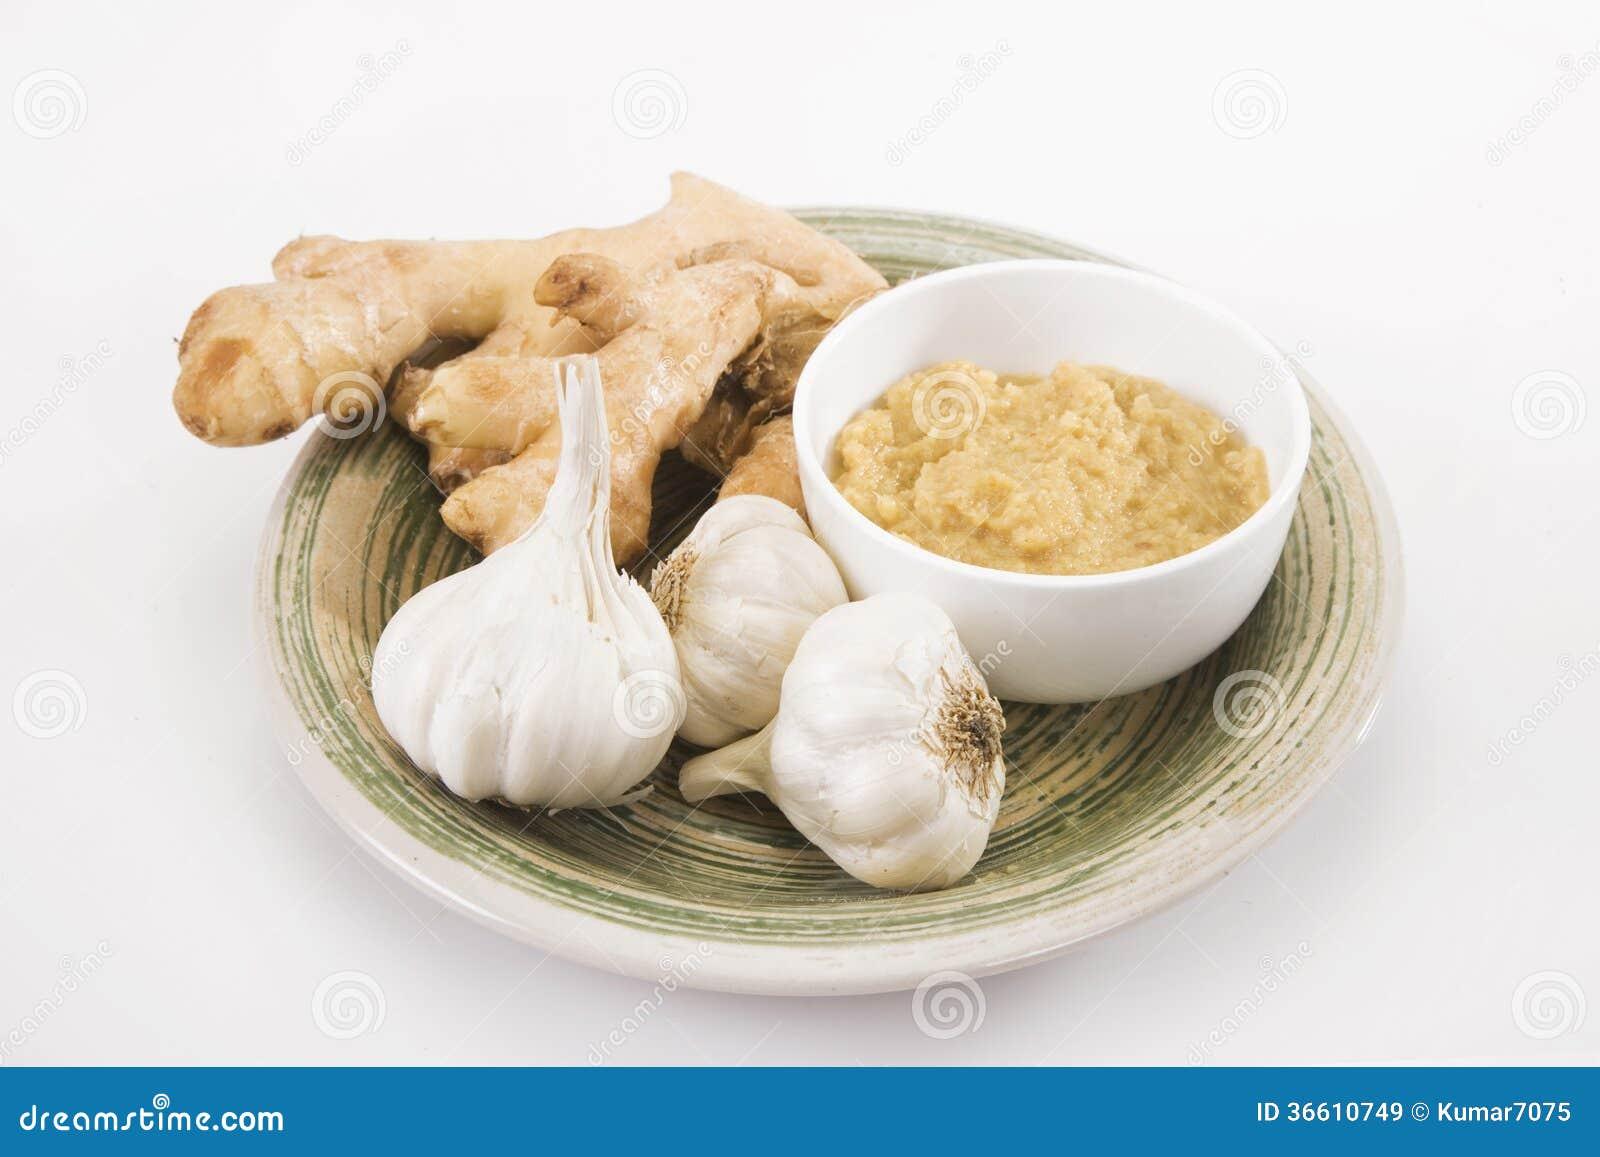 Ginger Garlic Paste Royalty Free Stock Images - Image: 36610749